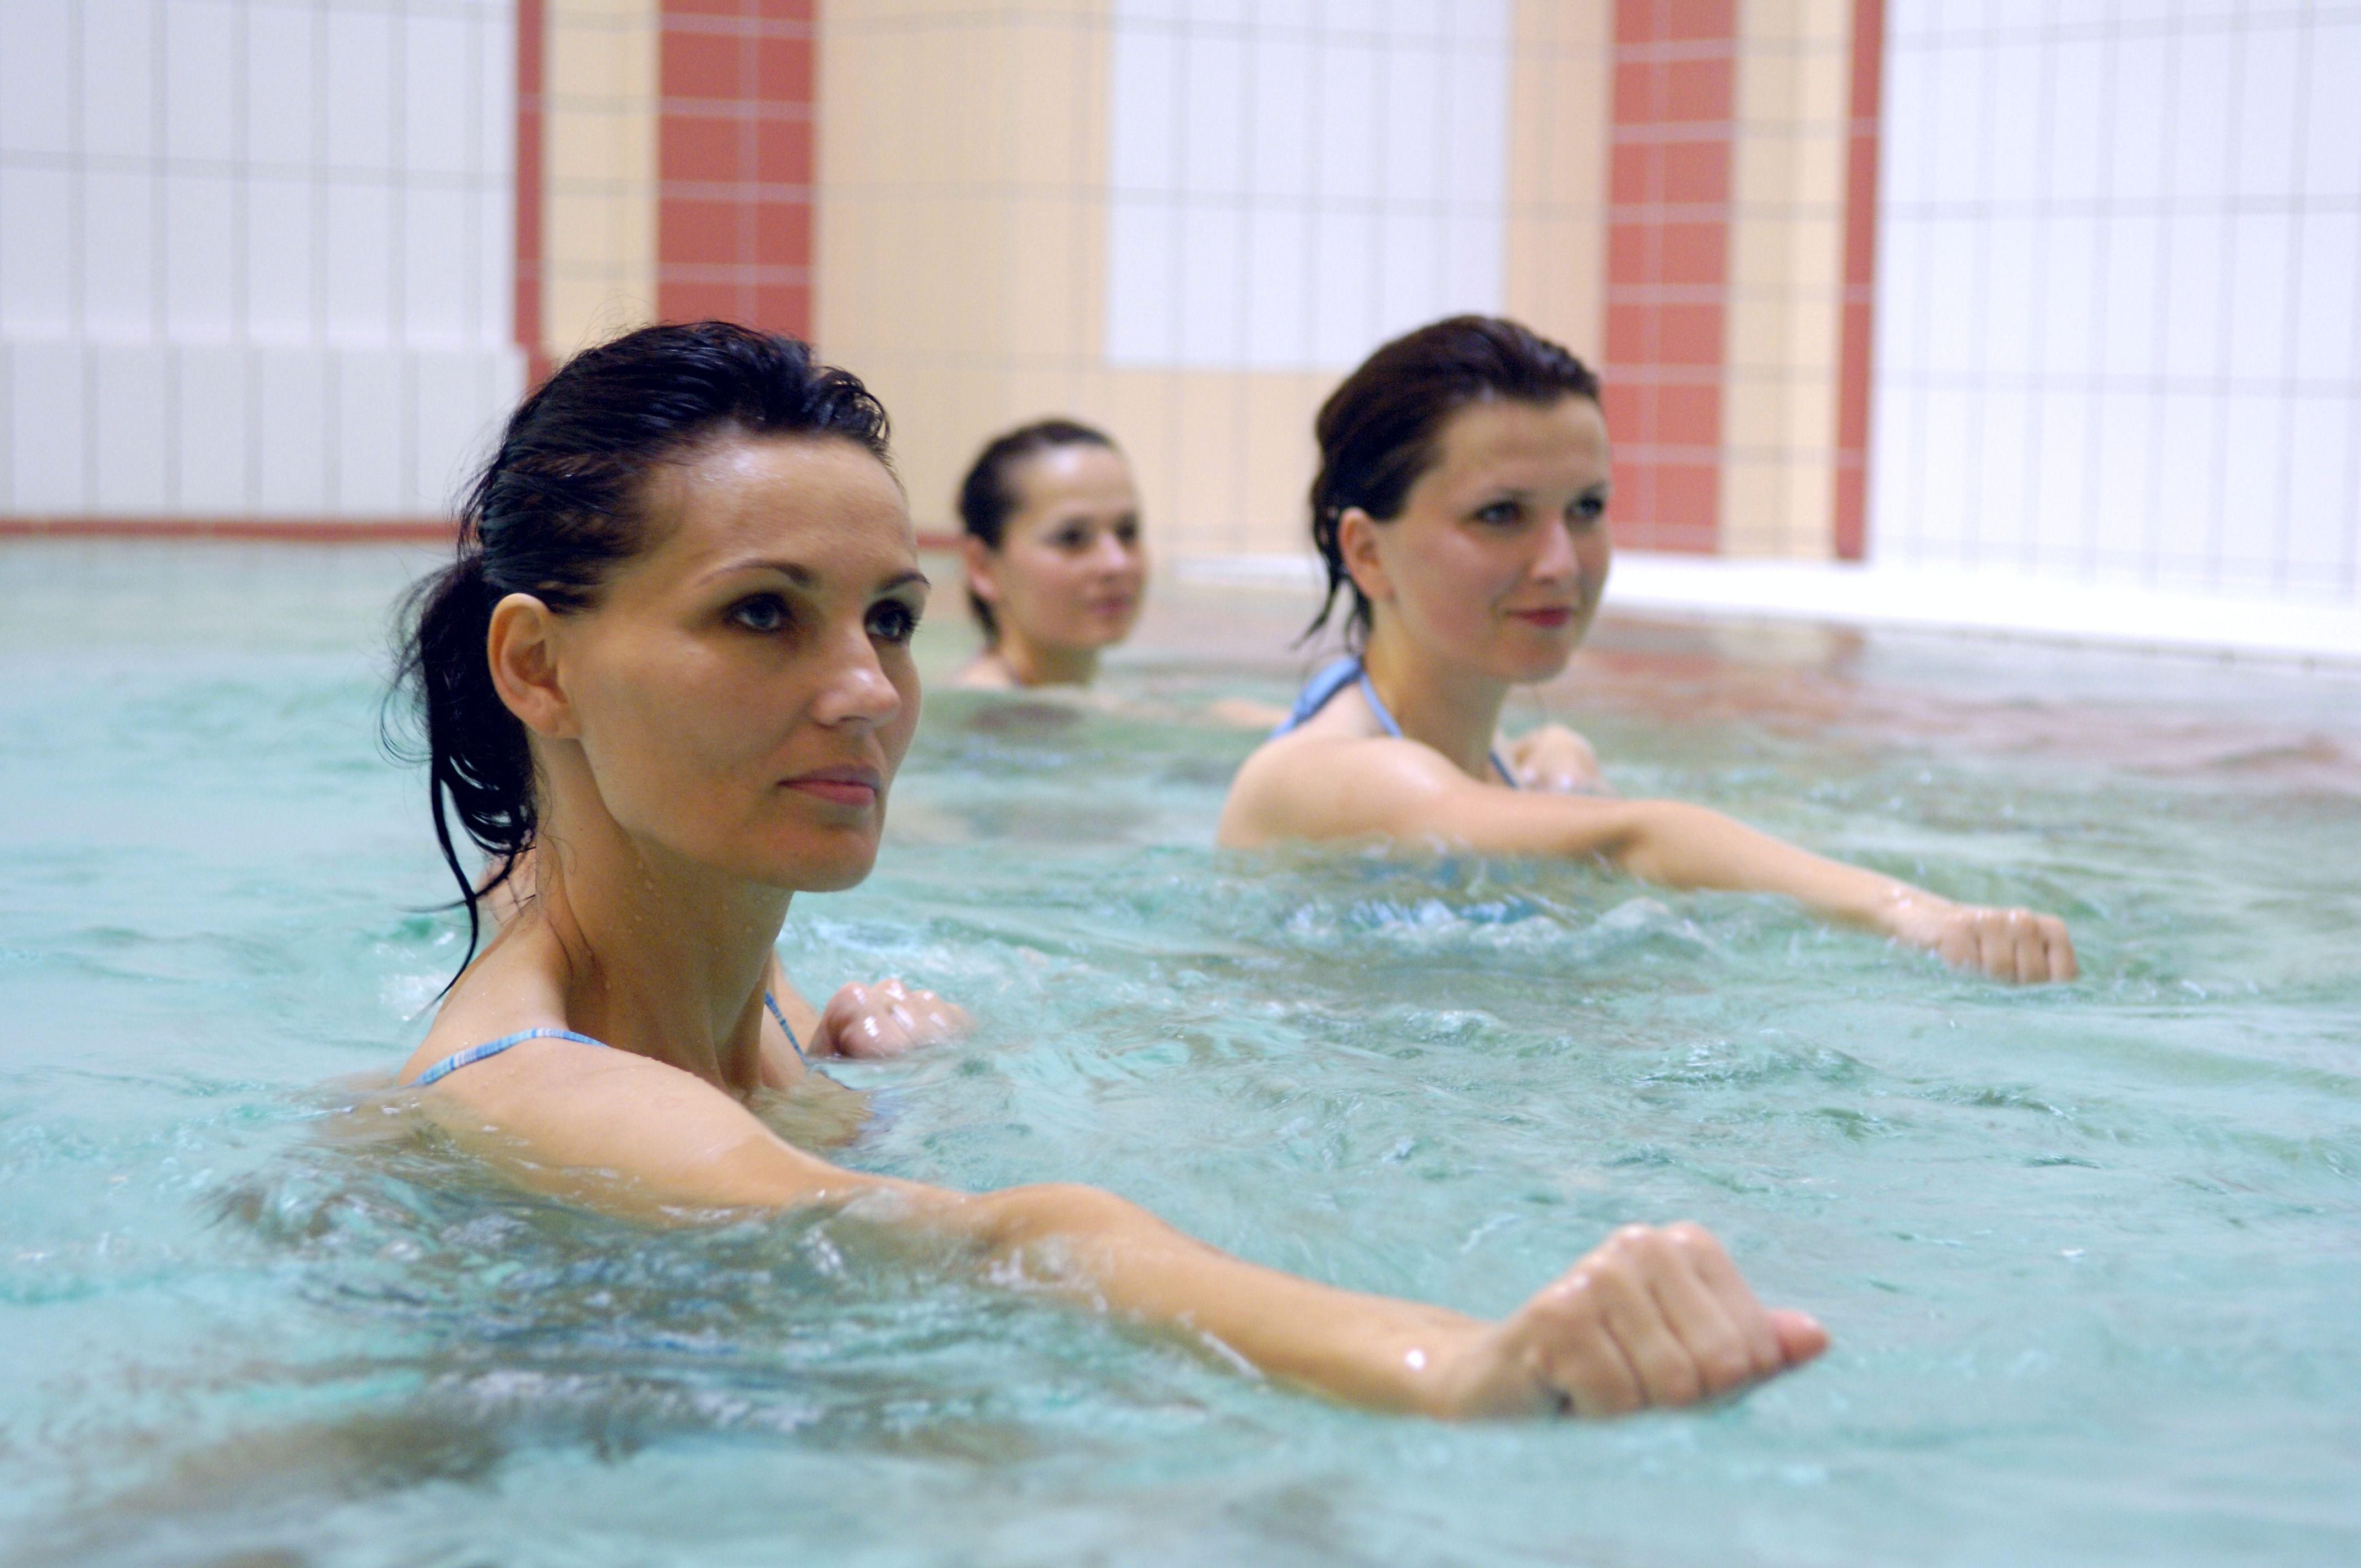 Vízitorna, aqua fittness